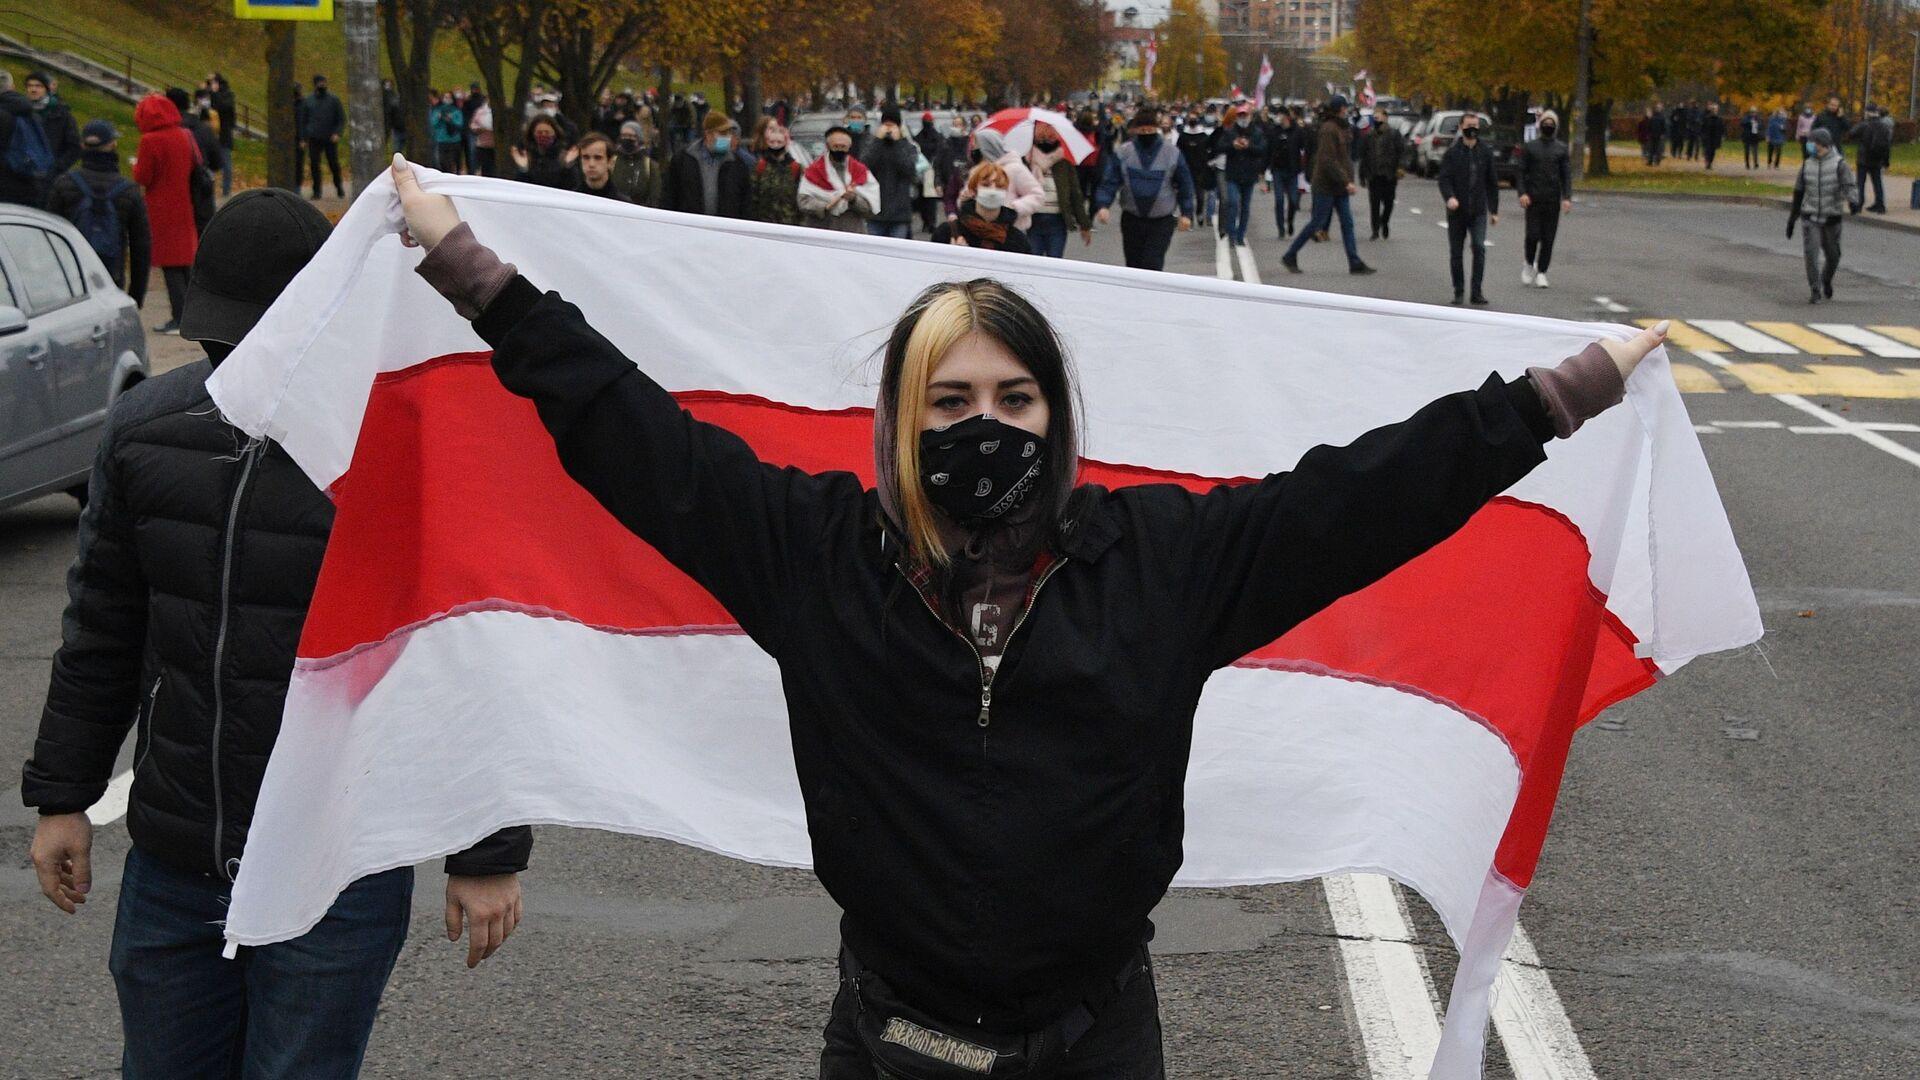 Protestas en Misnk, Bielorrusia - Sputnik Mundo, 1920, 11.02.2021